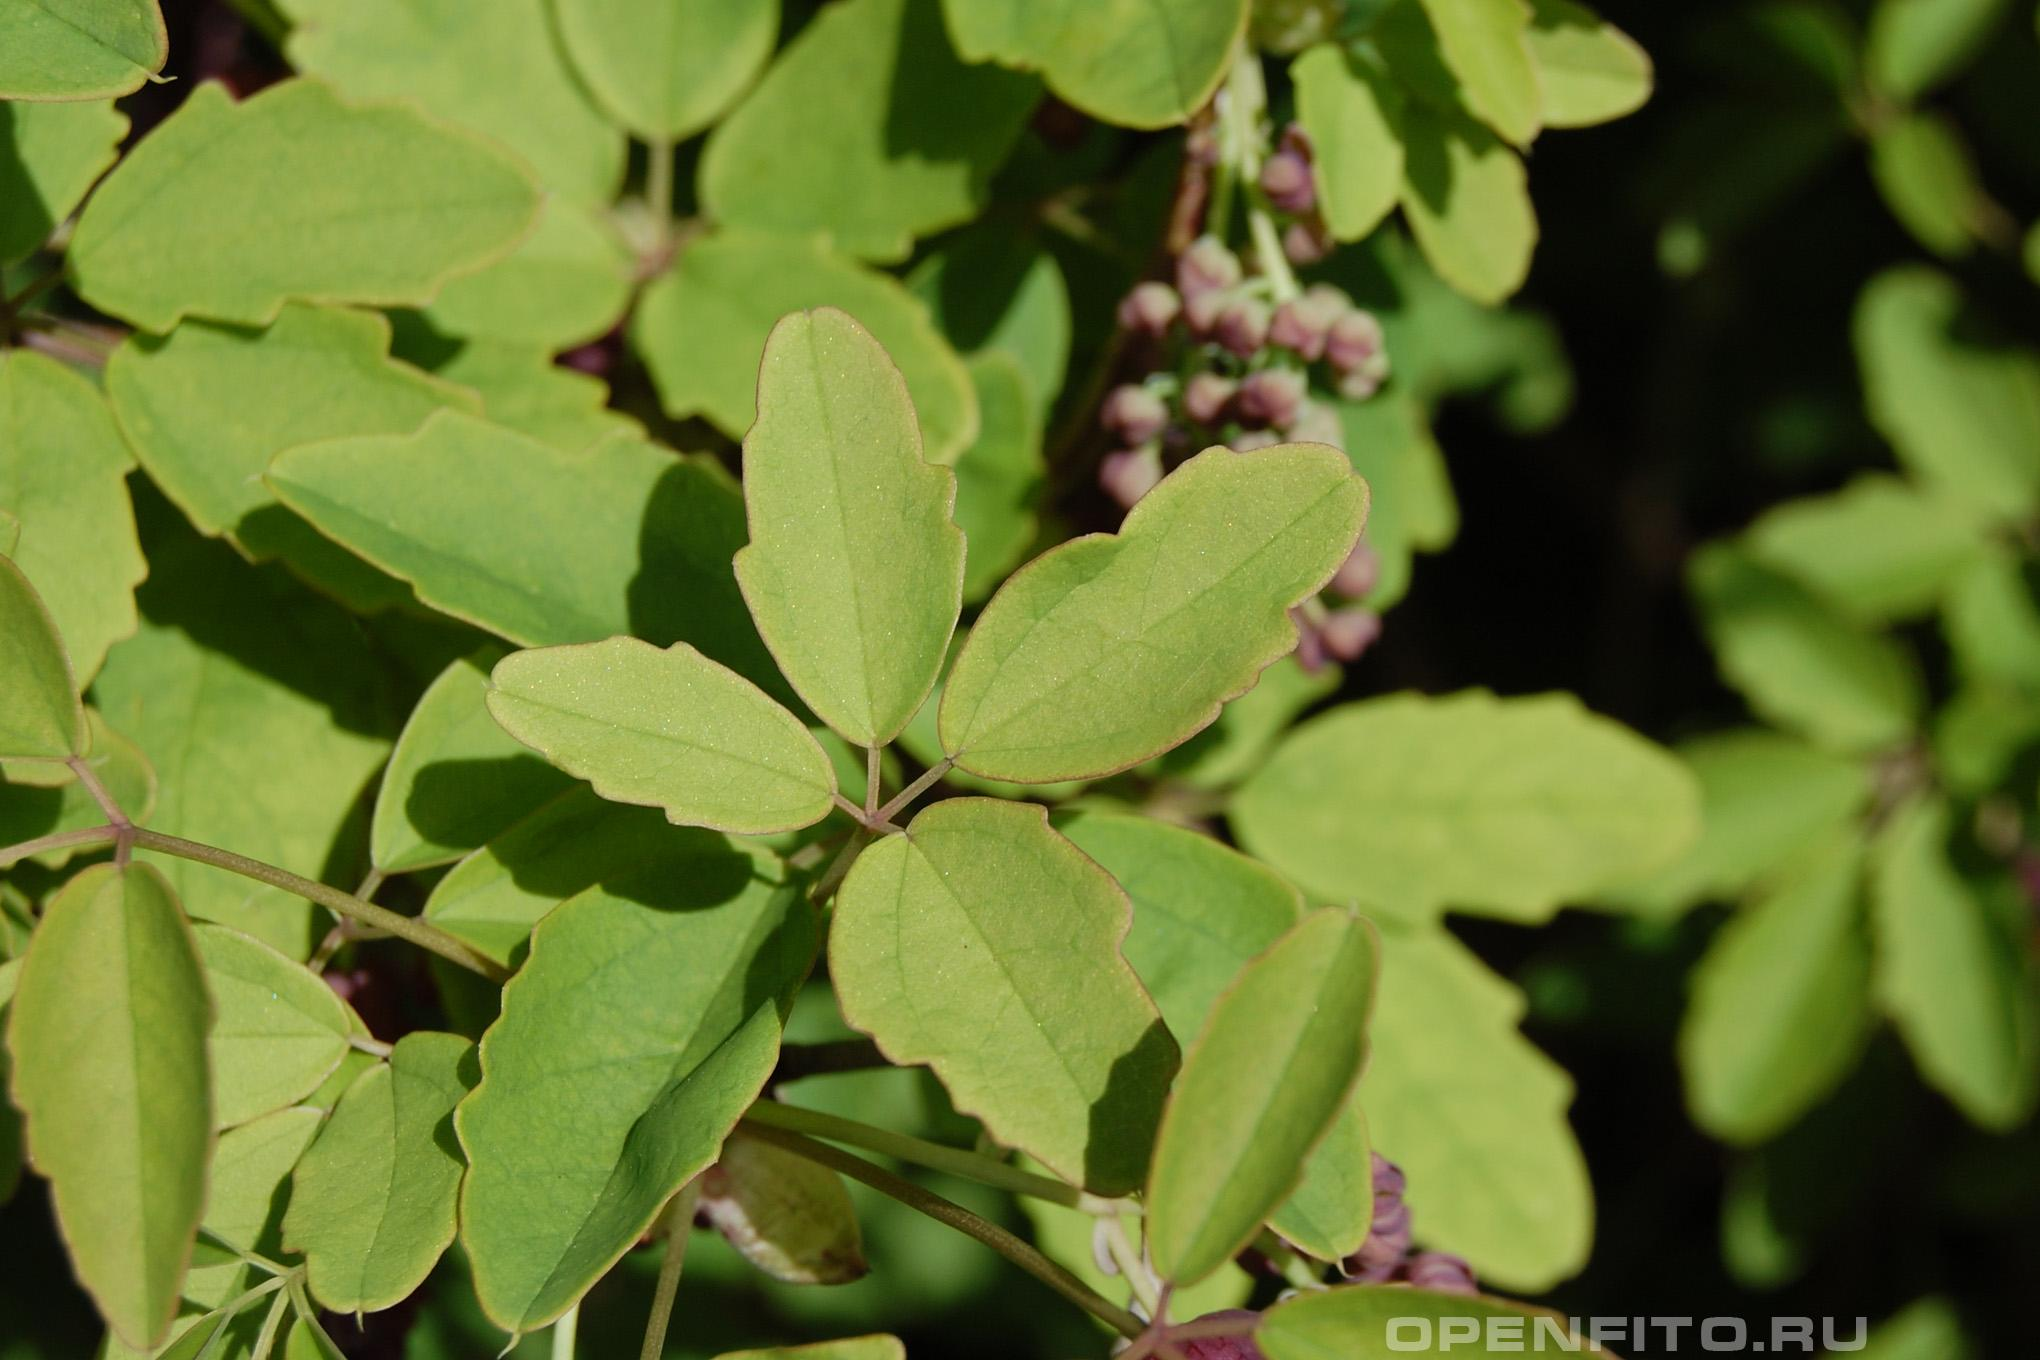 Акебия трёхлисточковая листья растения